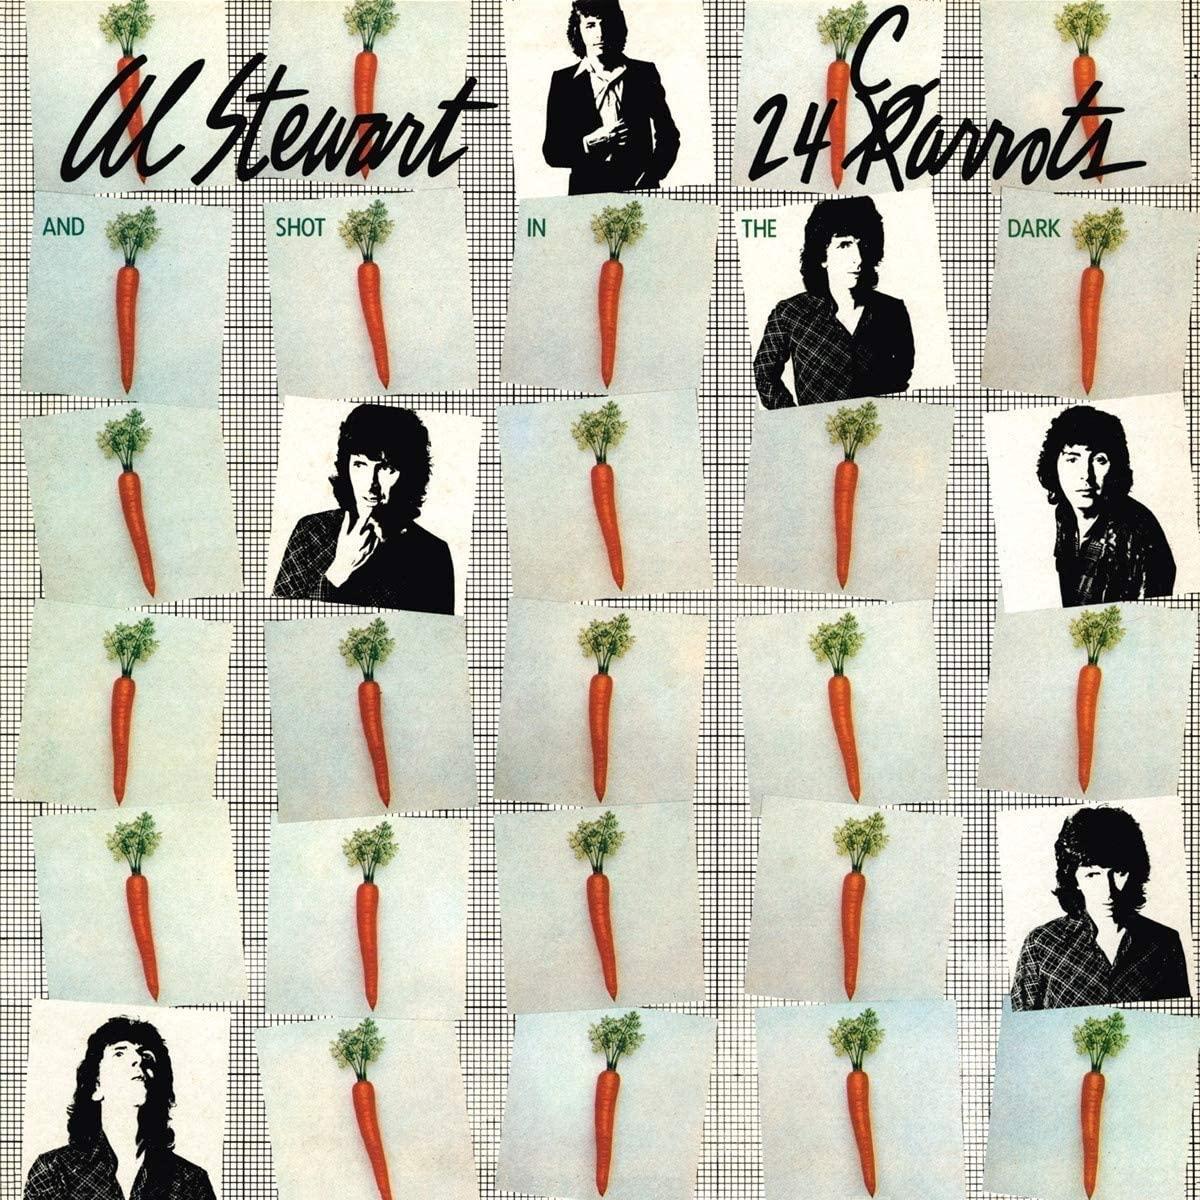 al stewart_24 carrots